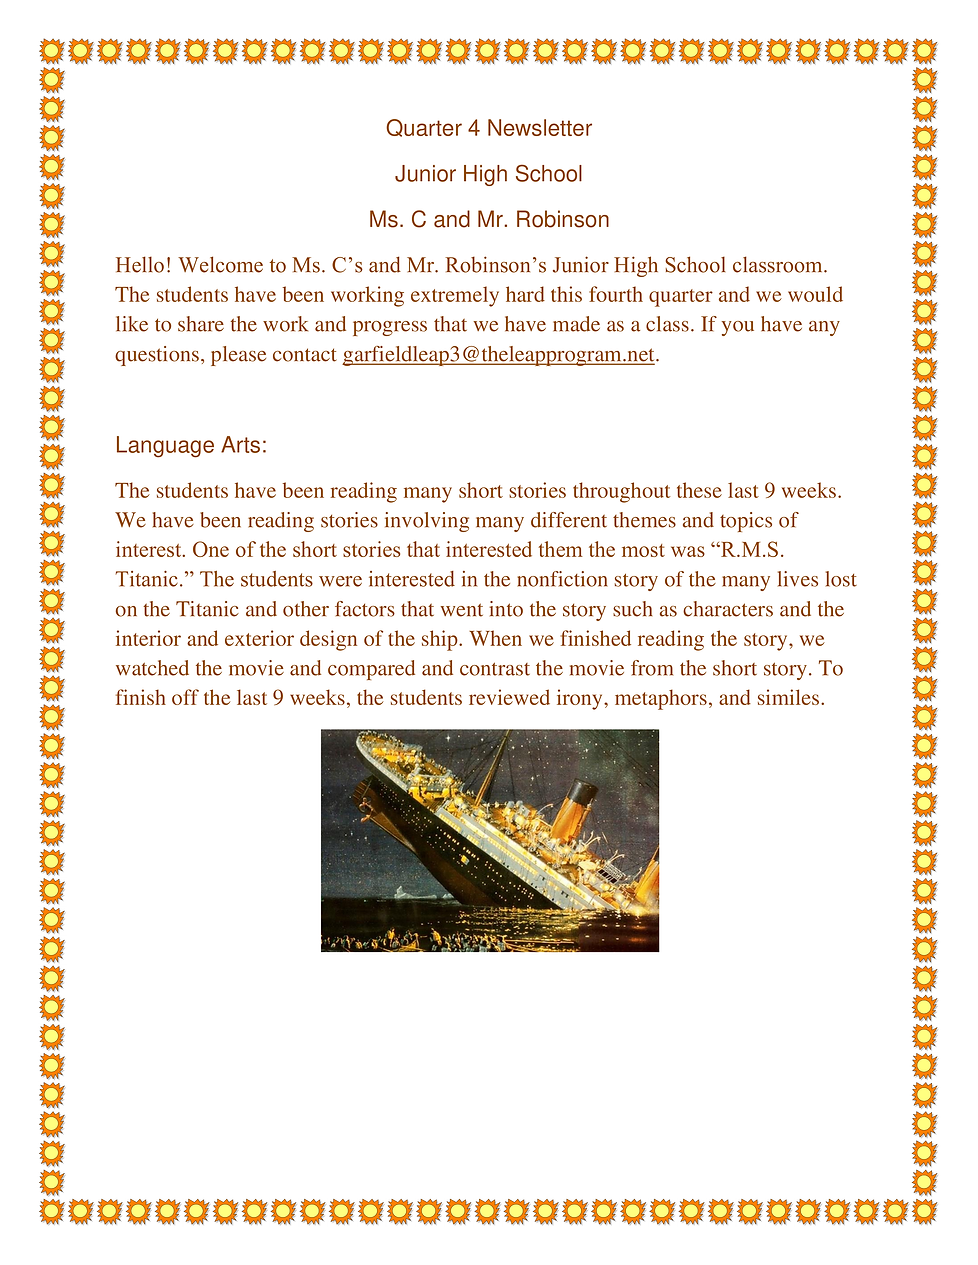 Quarter 4 Newsletter-1.png